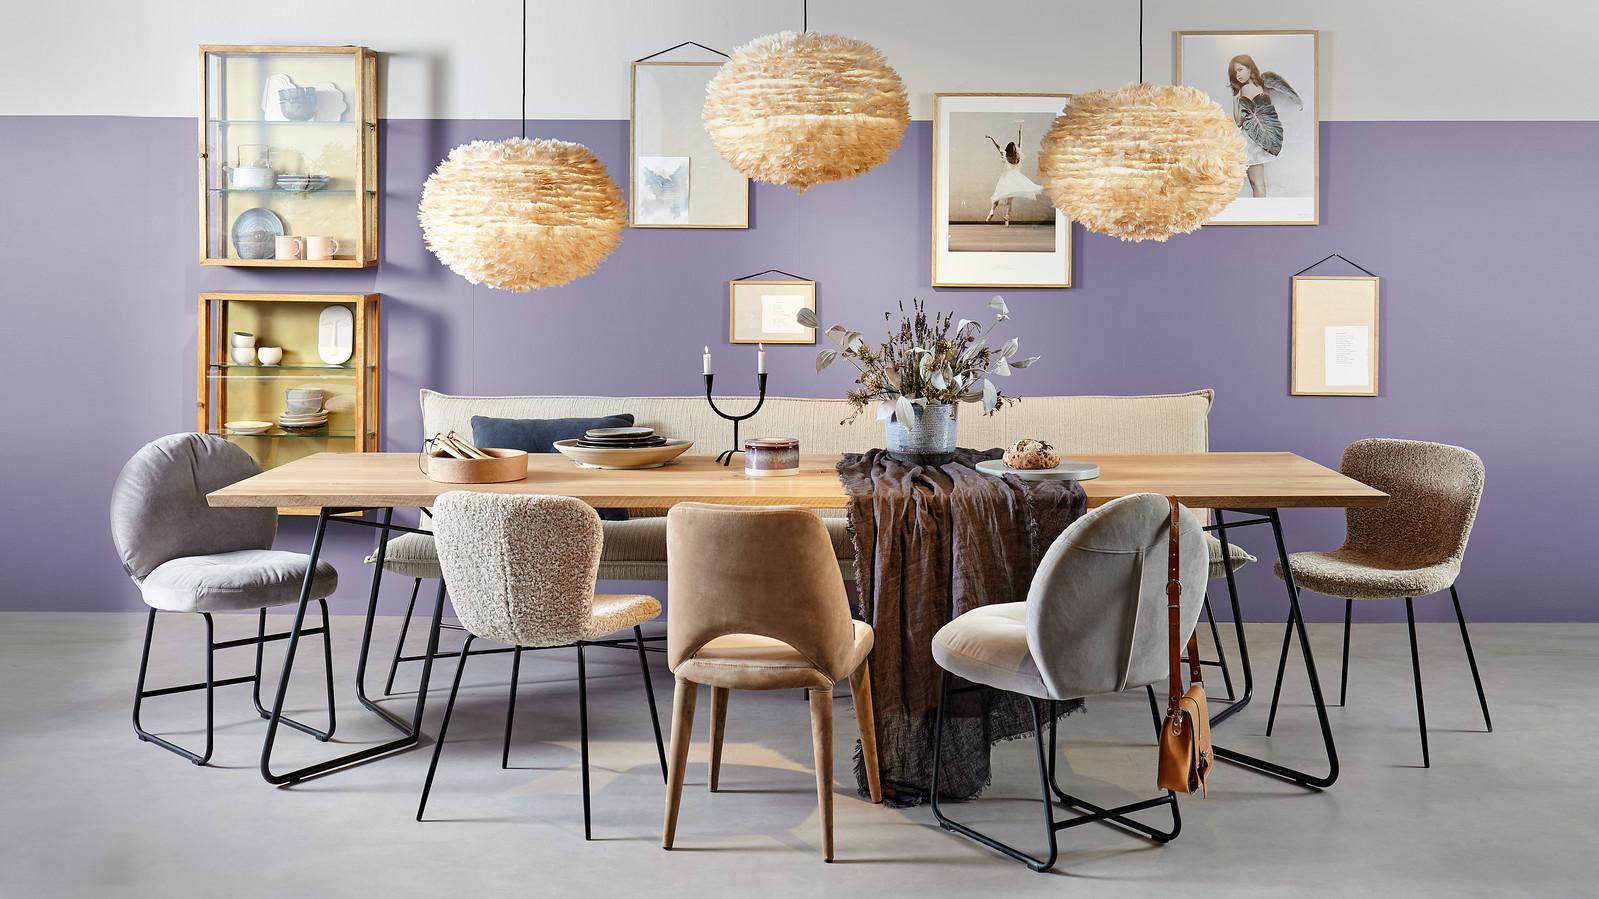 Teddystof op stoelen in VT Wonen-stijl. De eethoek groeit en functioneert vaak ook als bureau.